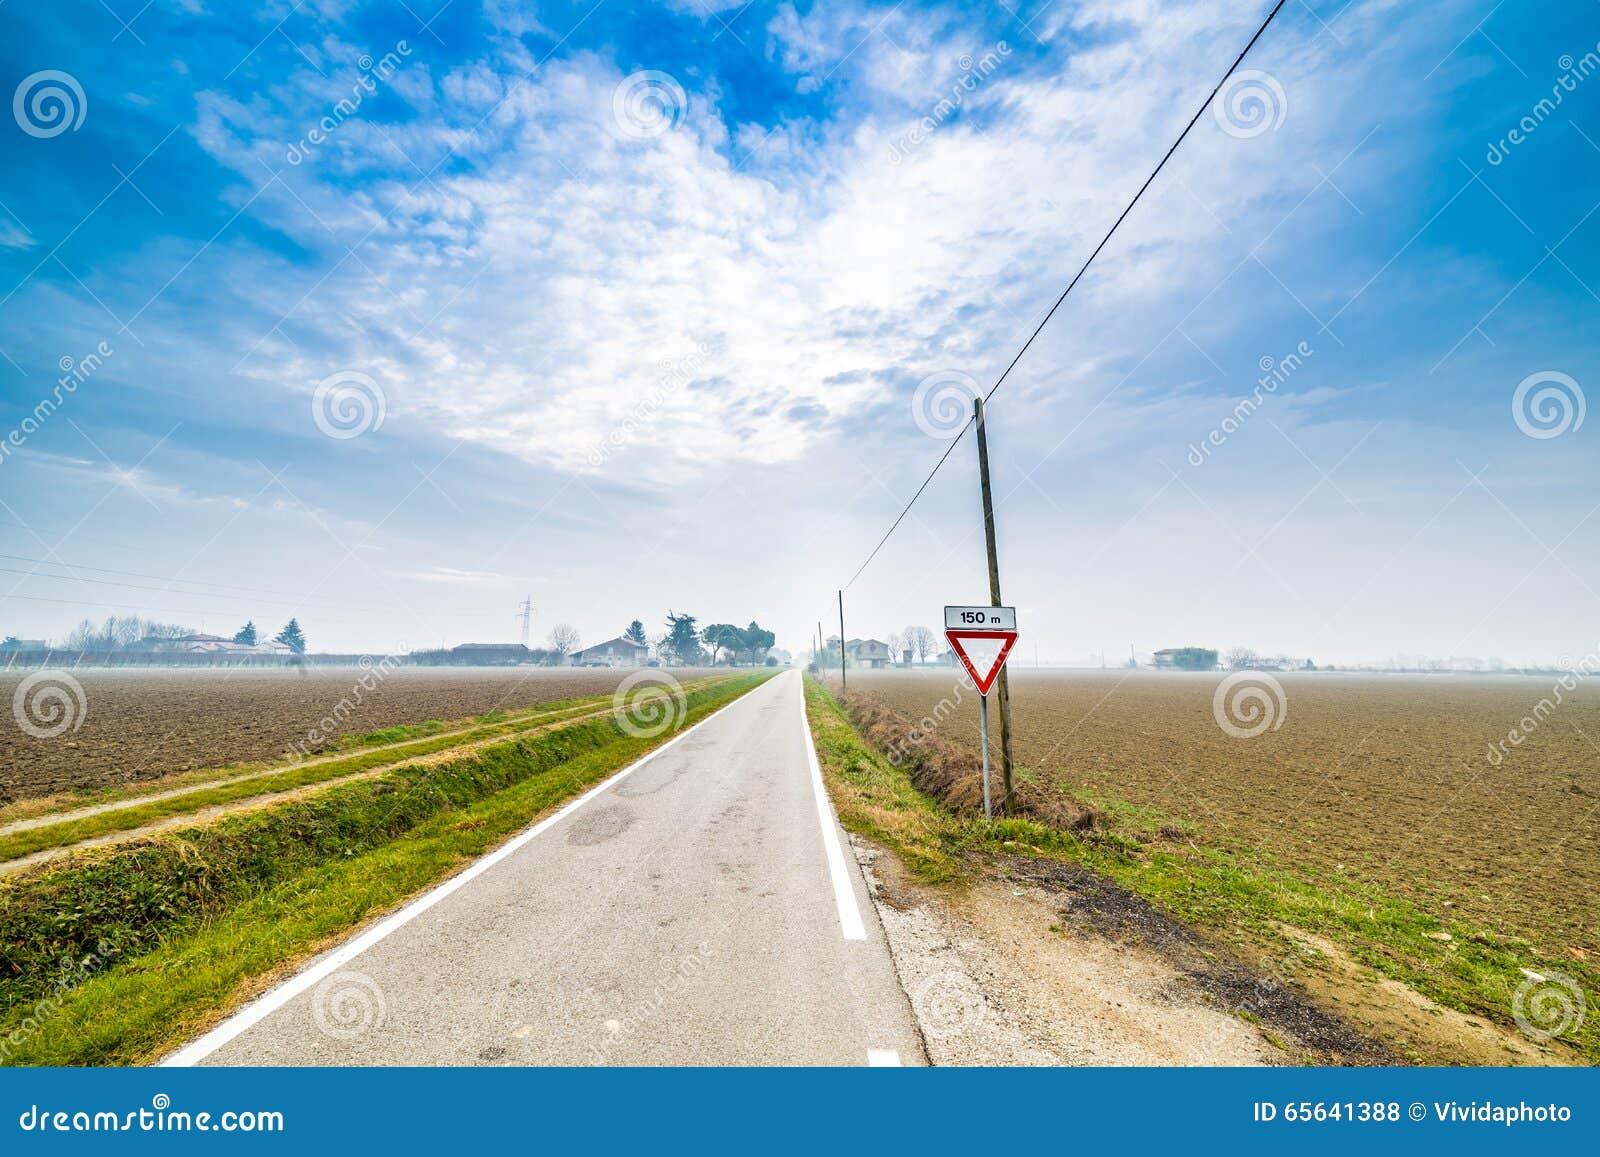 Signalez pour accorder la priorité sur la route dans la campagne